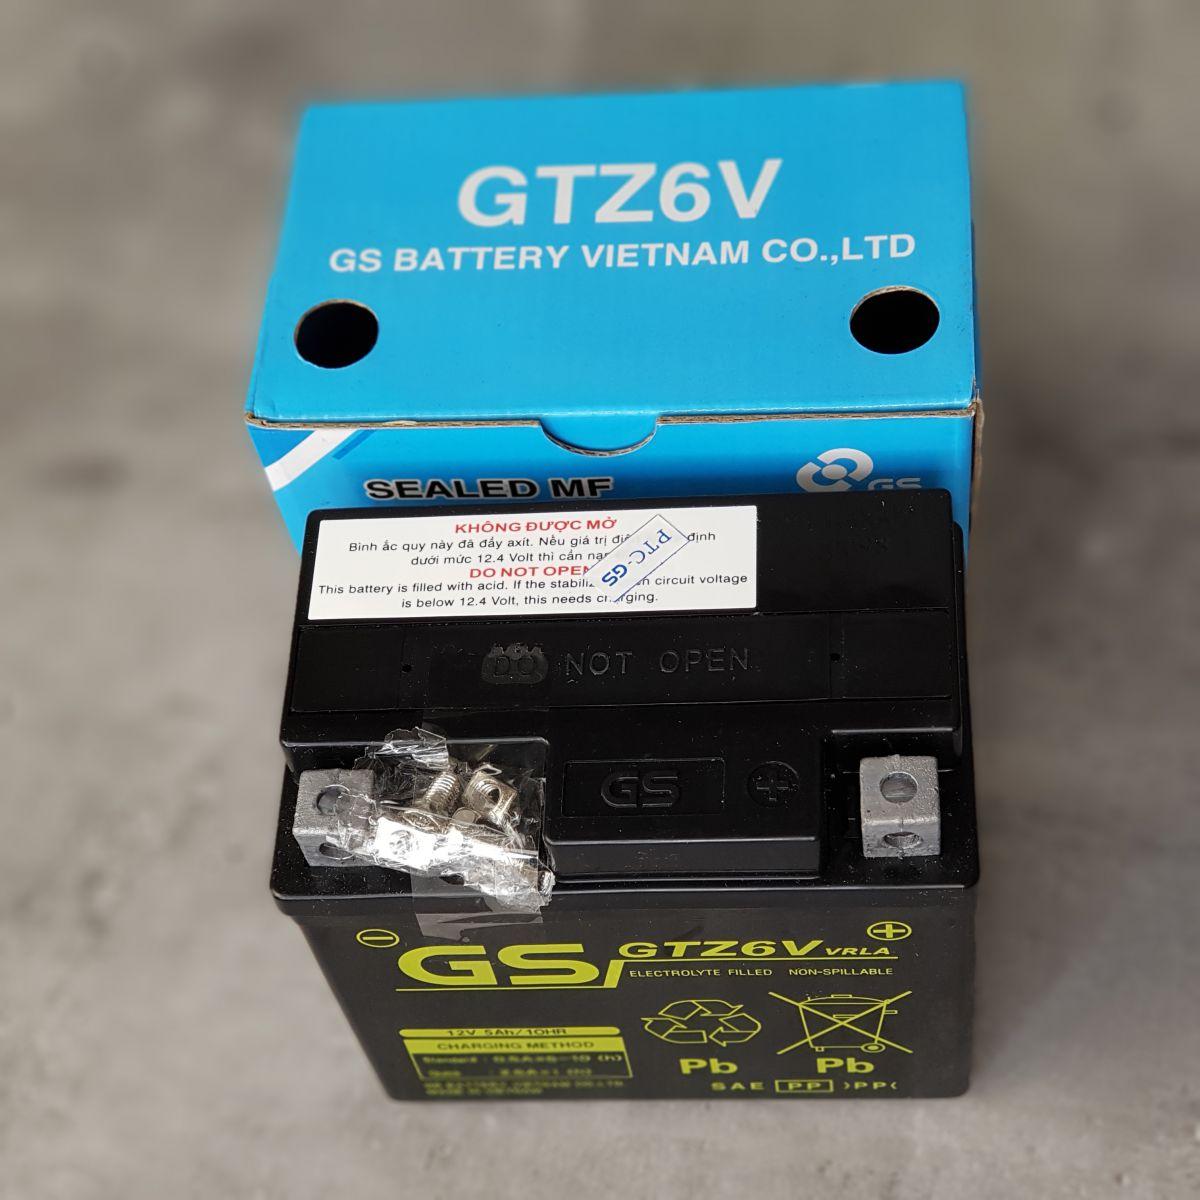 binh-Ac-quy-xe-may-GS-GTZ6V-2